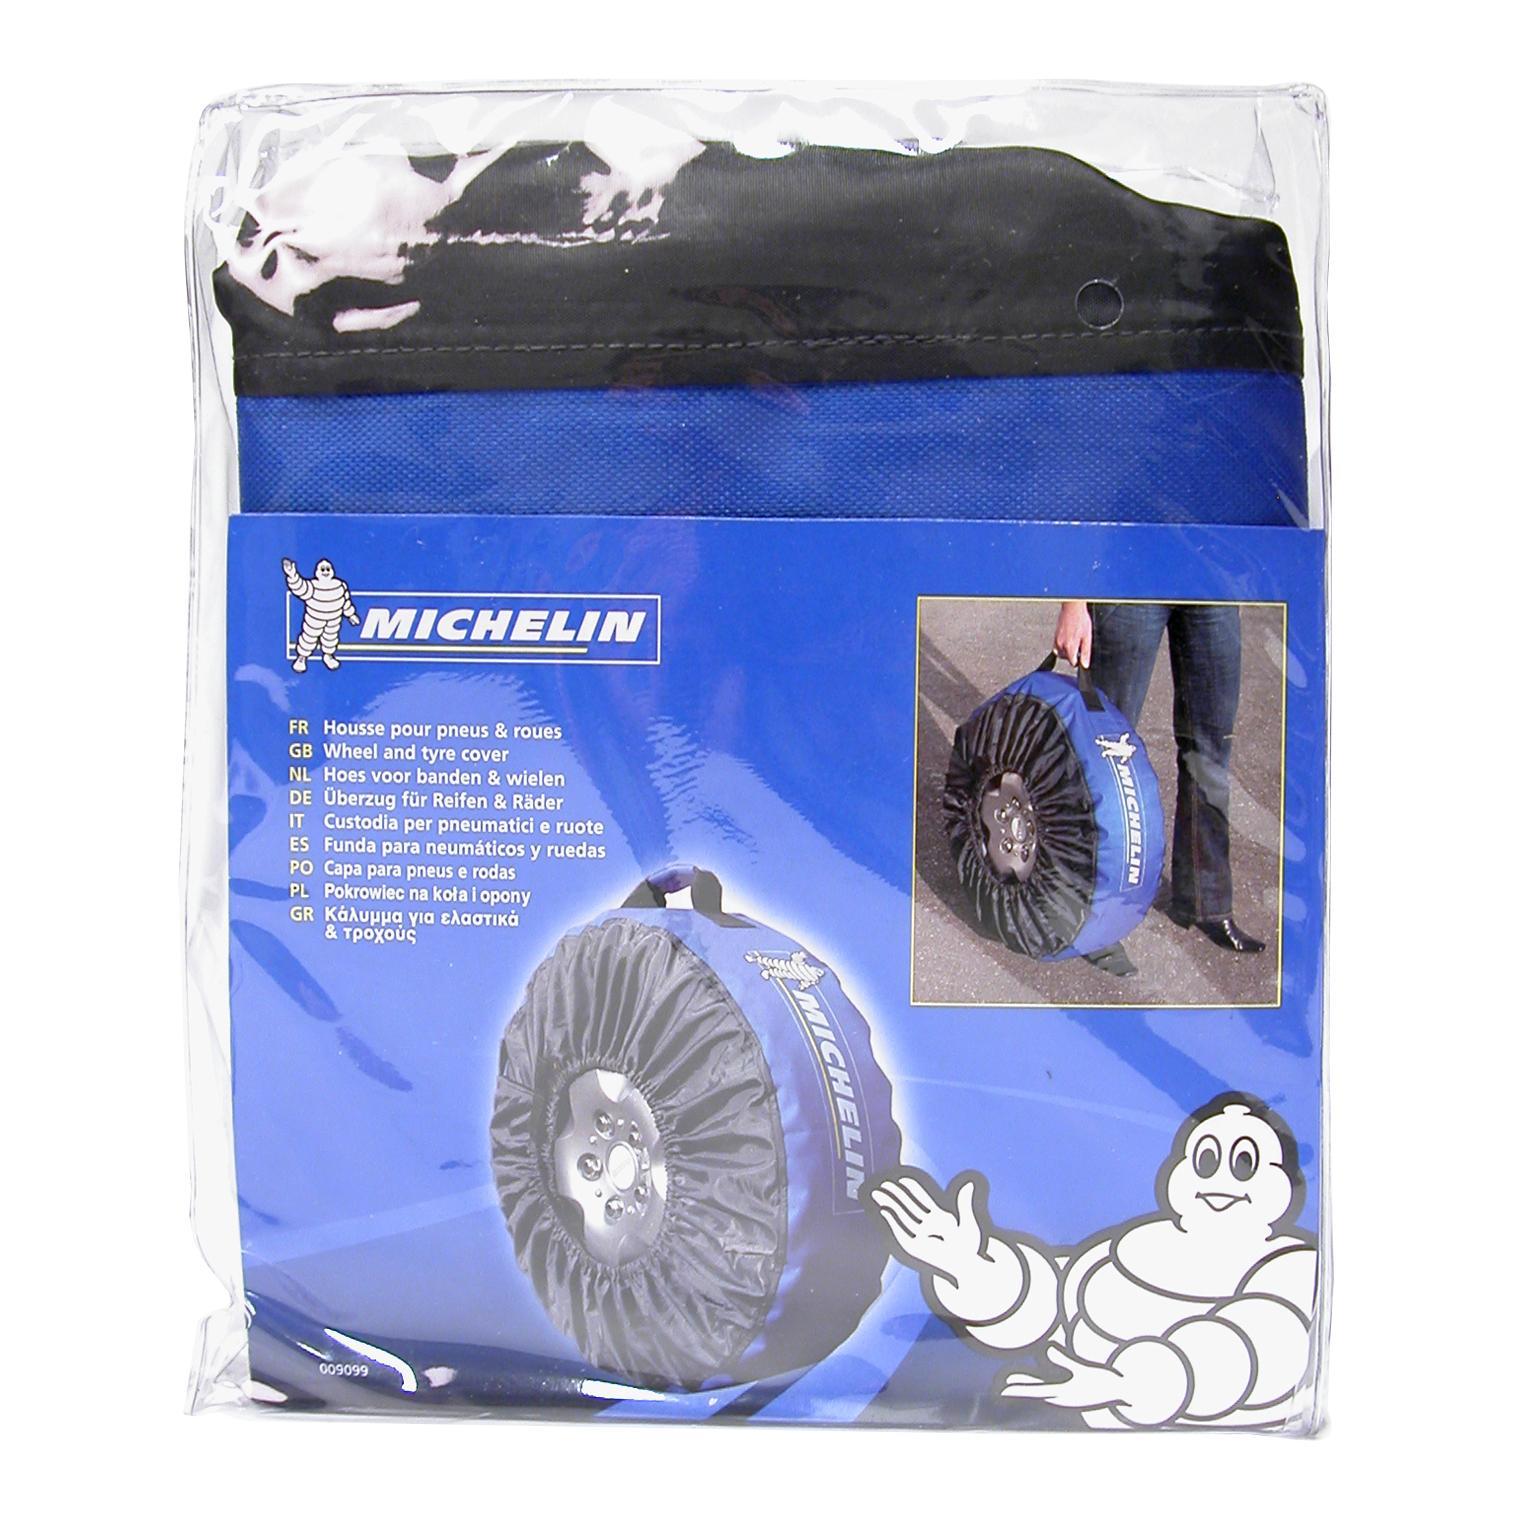 Housse de roue de secours Michelin 009099 connaissances d'experts